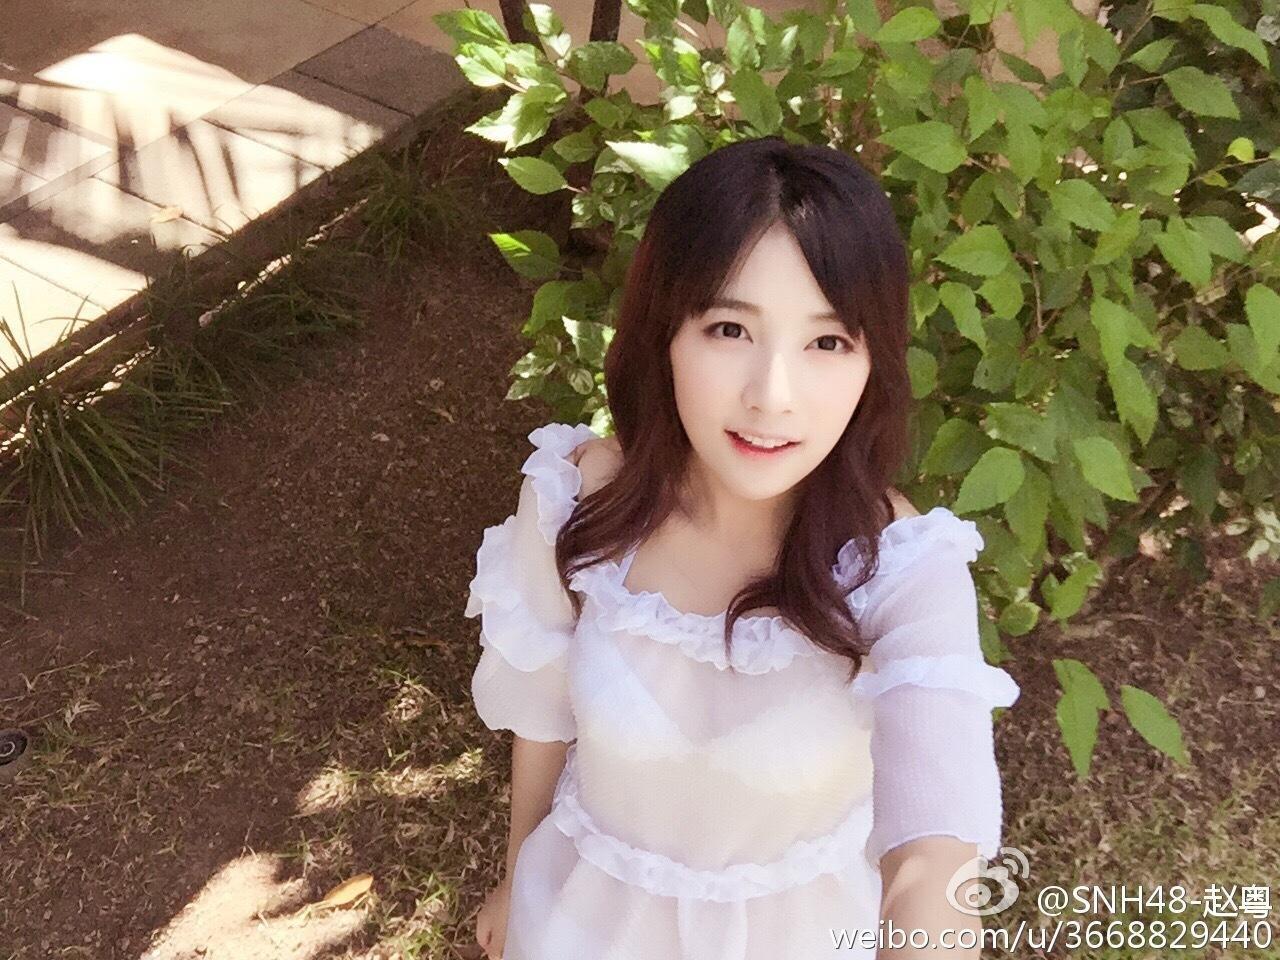 中国女子偶像团赵粤 清纯美女